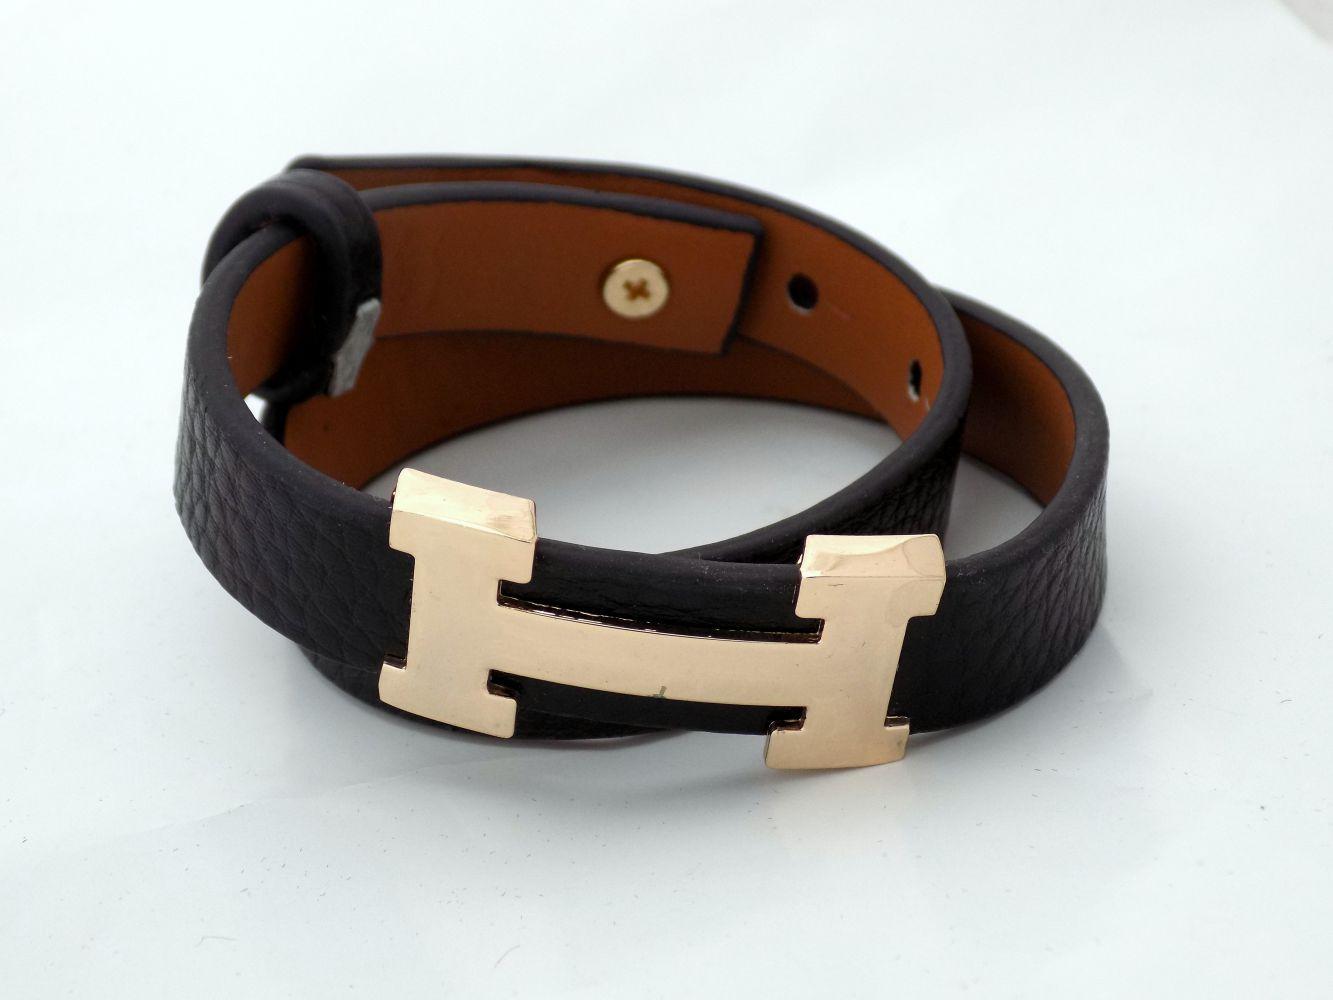 دستبند دخترانه چرمی فری سایز با رویه استیل طلایی ds-n234 از نمای نزدیک